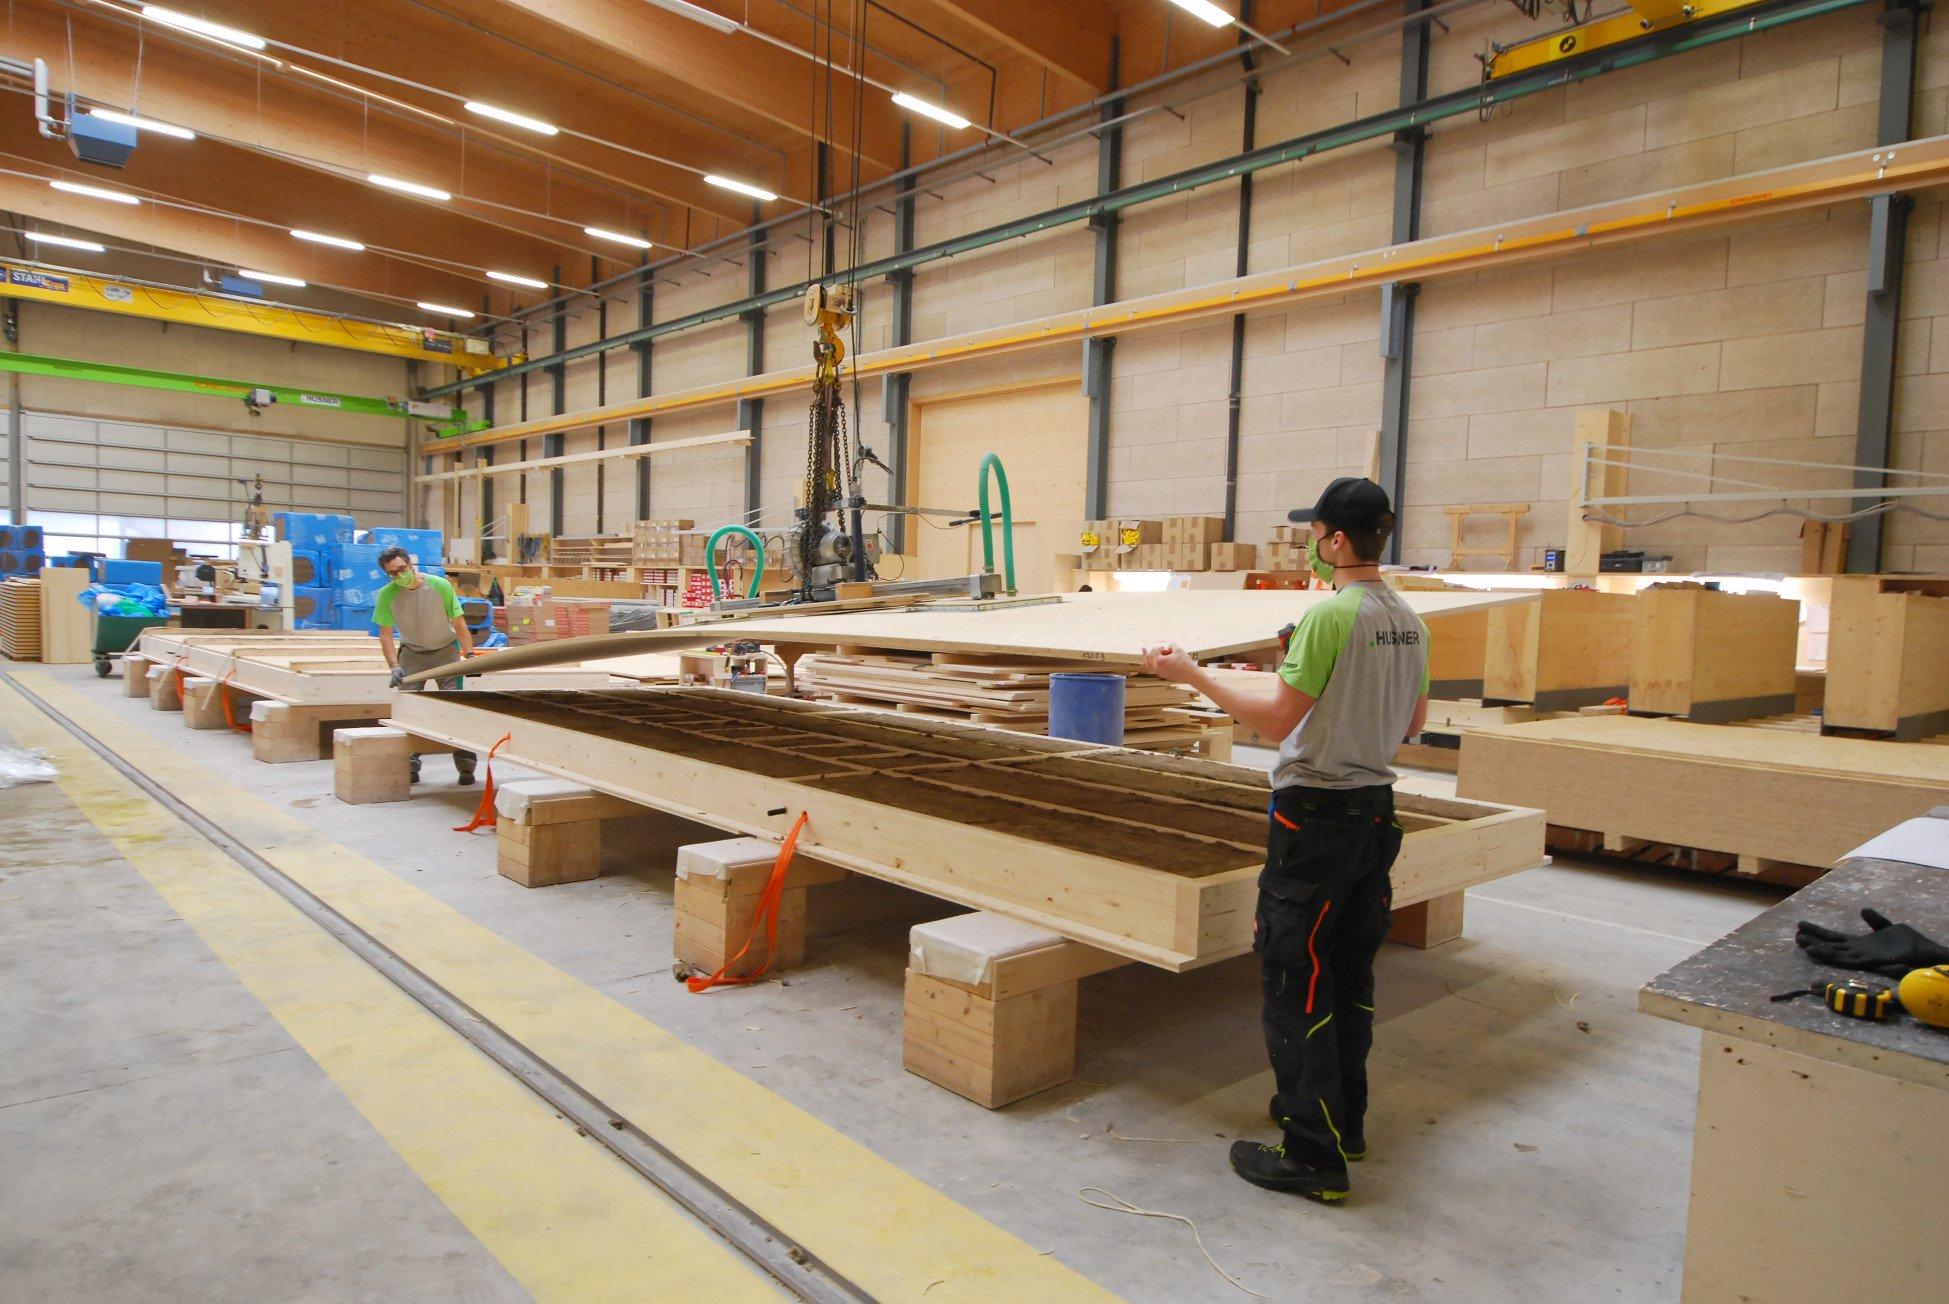 Produktion Elemente im Werk von HUSNER AG Holzbau für die Wohnüberbauung Leben im Park Gipf-Oberfrick